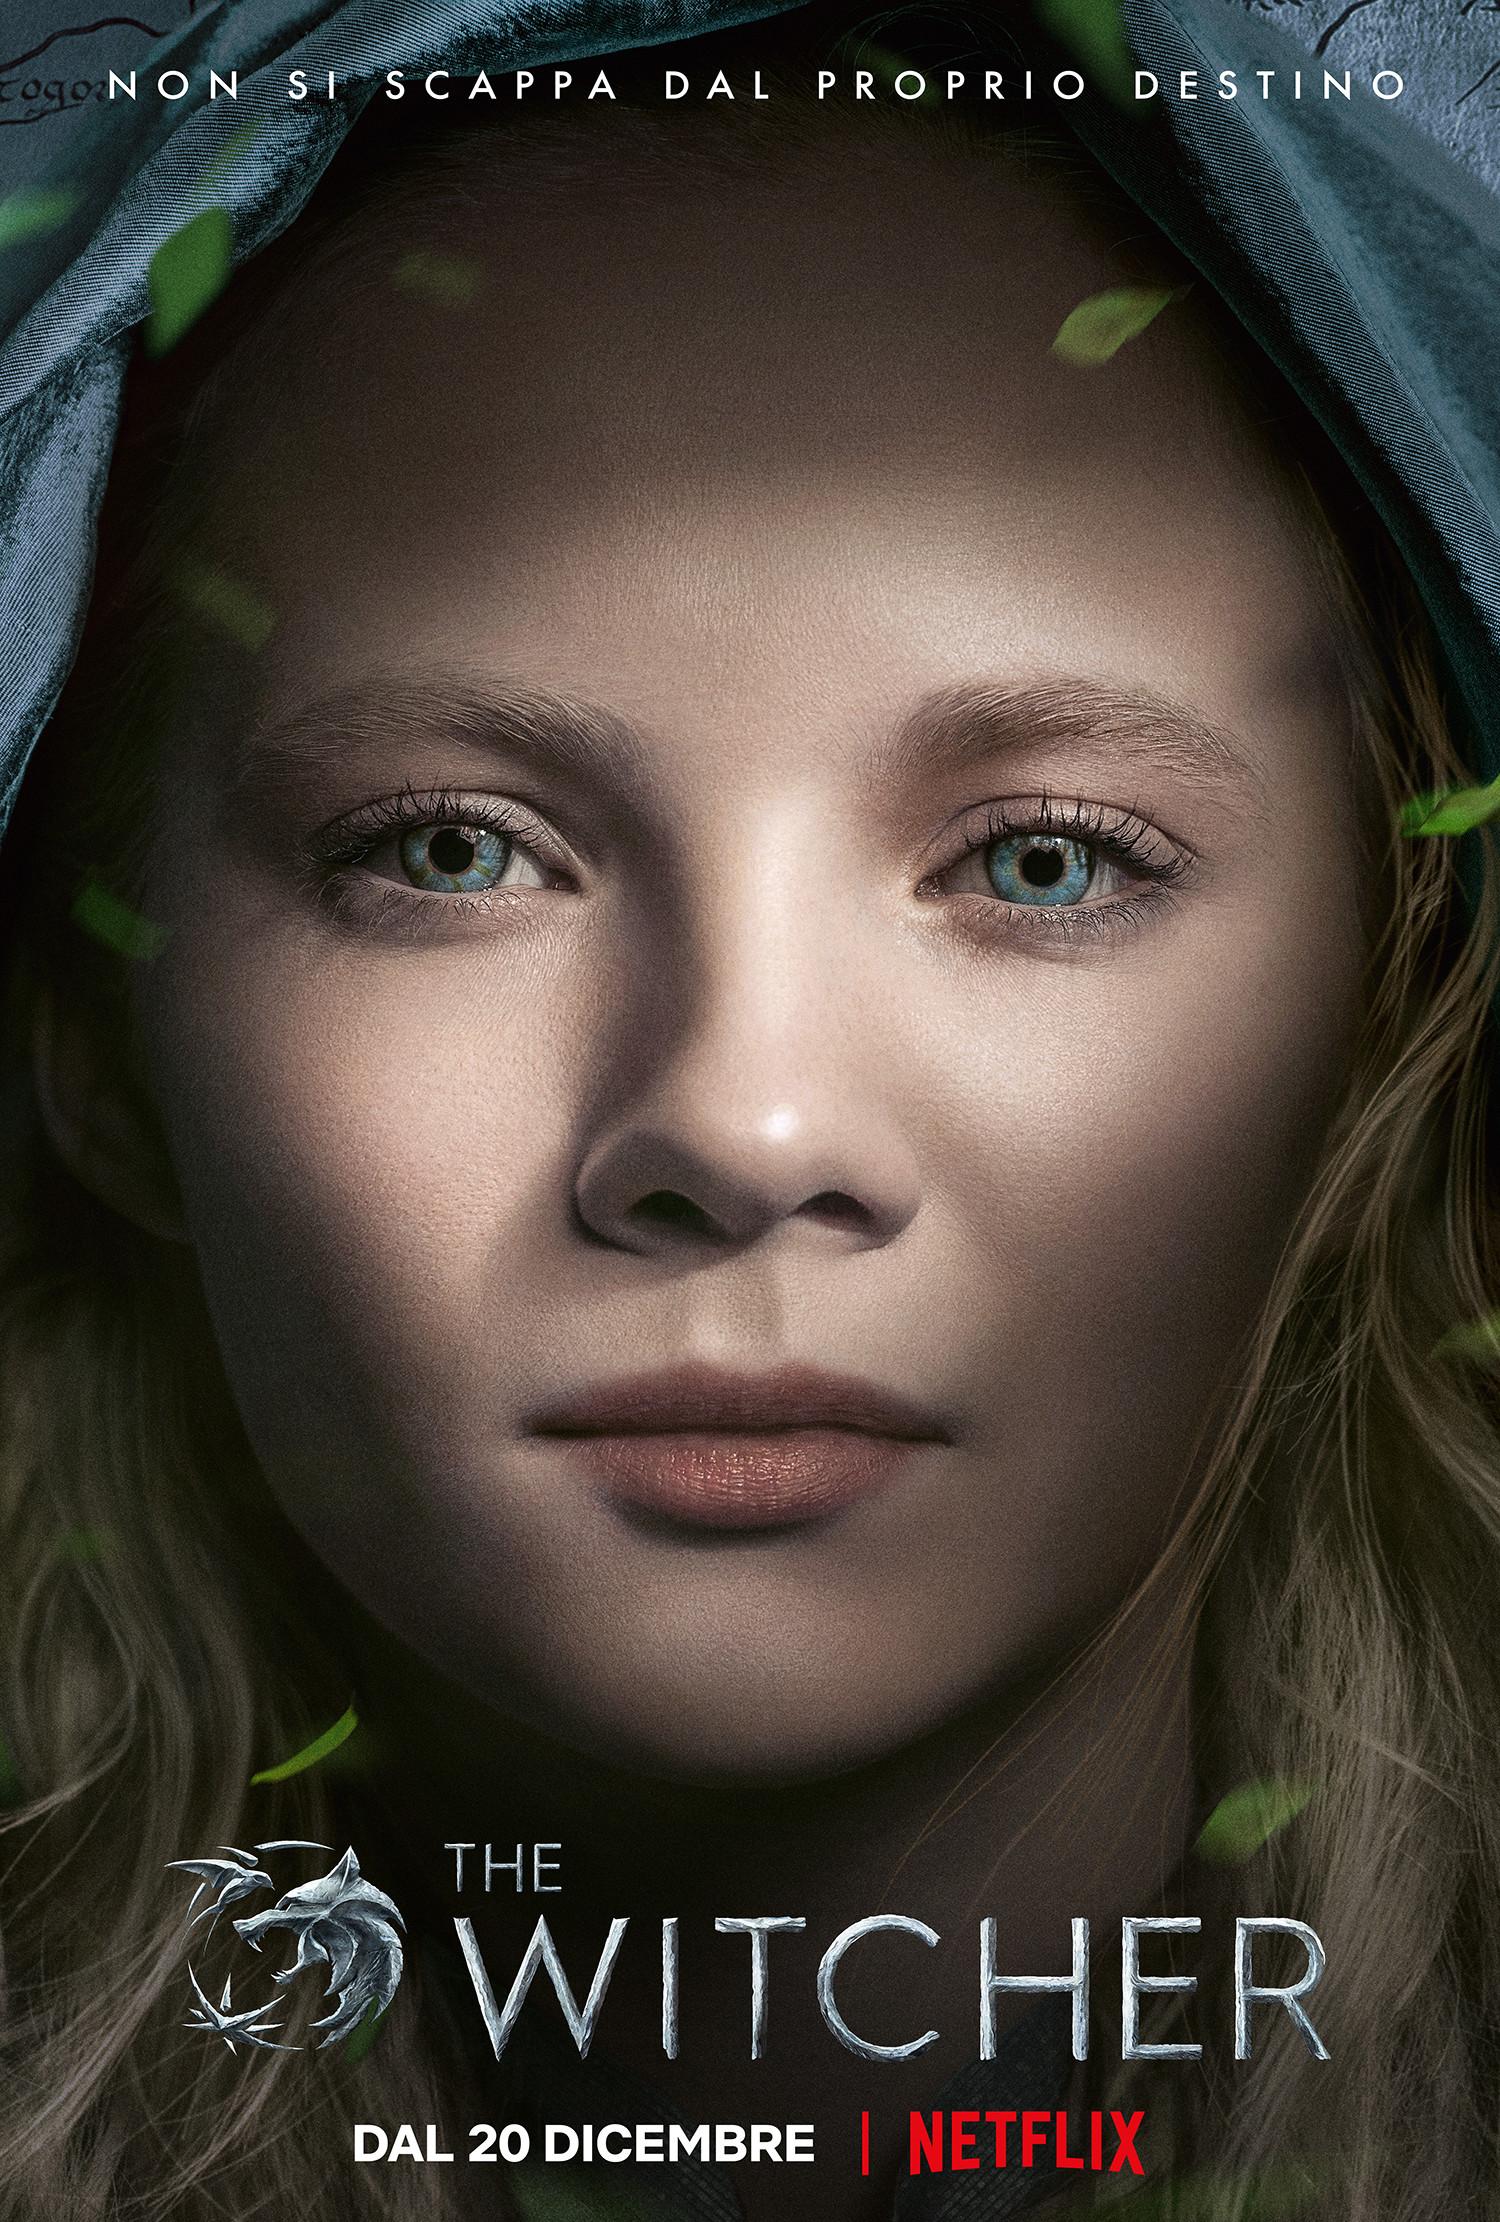 The Witcher: il poster della principessa Cirilla